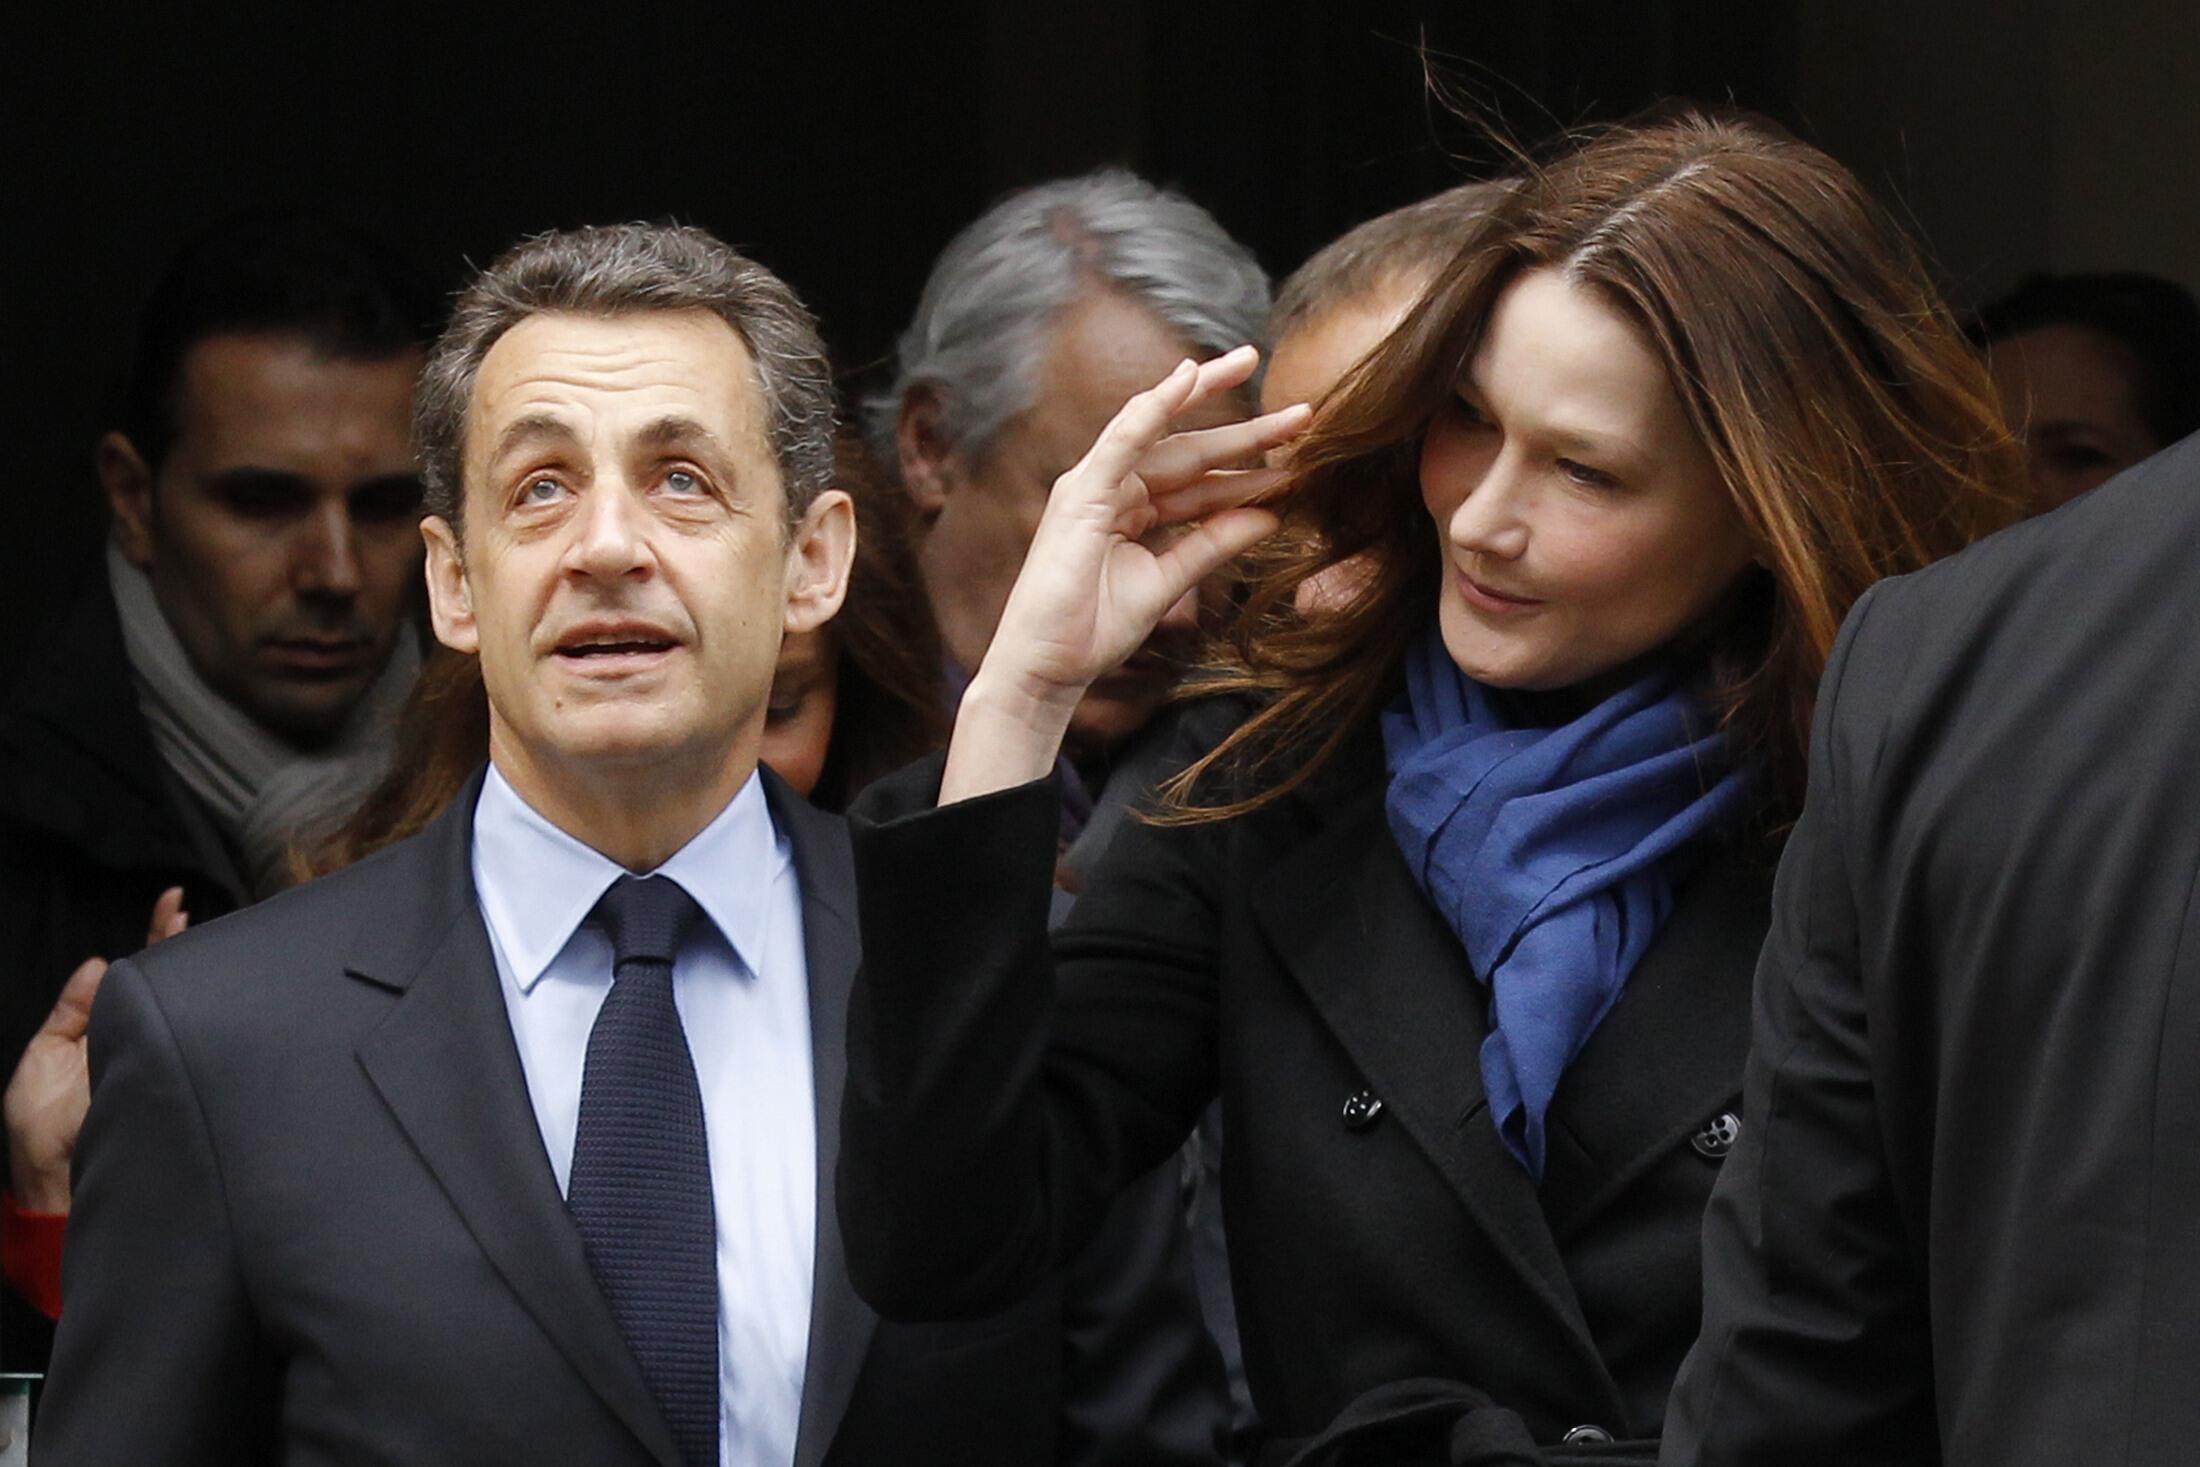 22 апреля, 2012 Николя Саркози и Карла Бруни на выходе с избирательного участка.